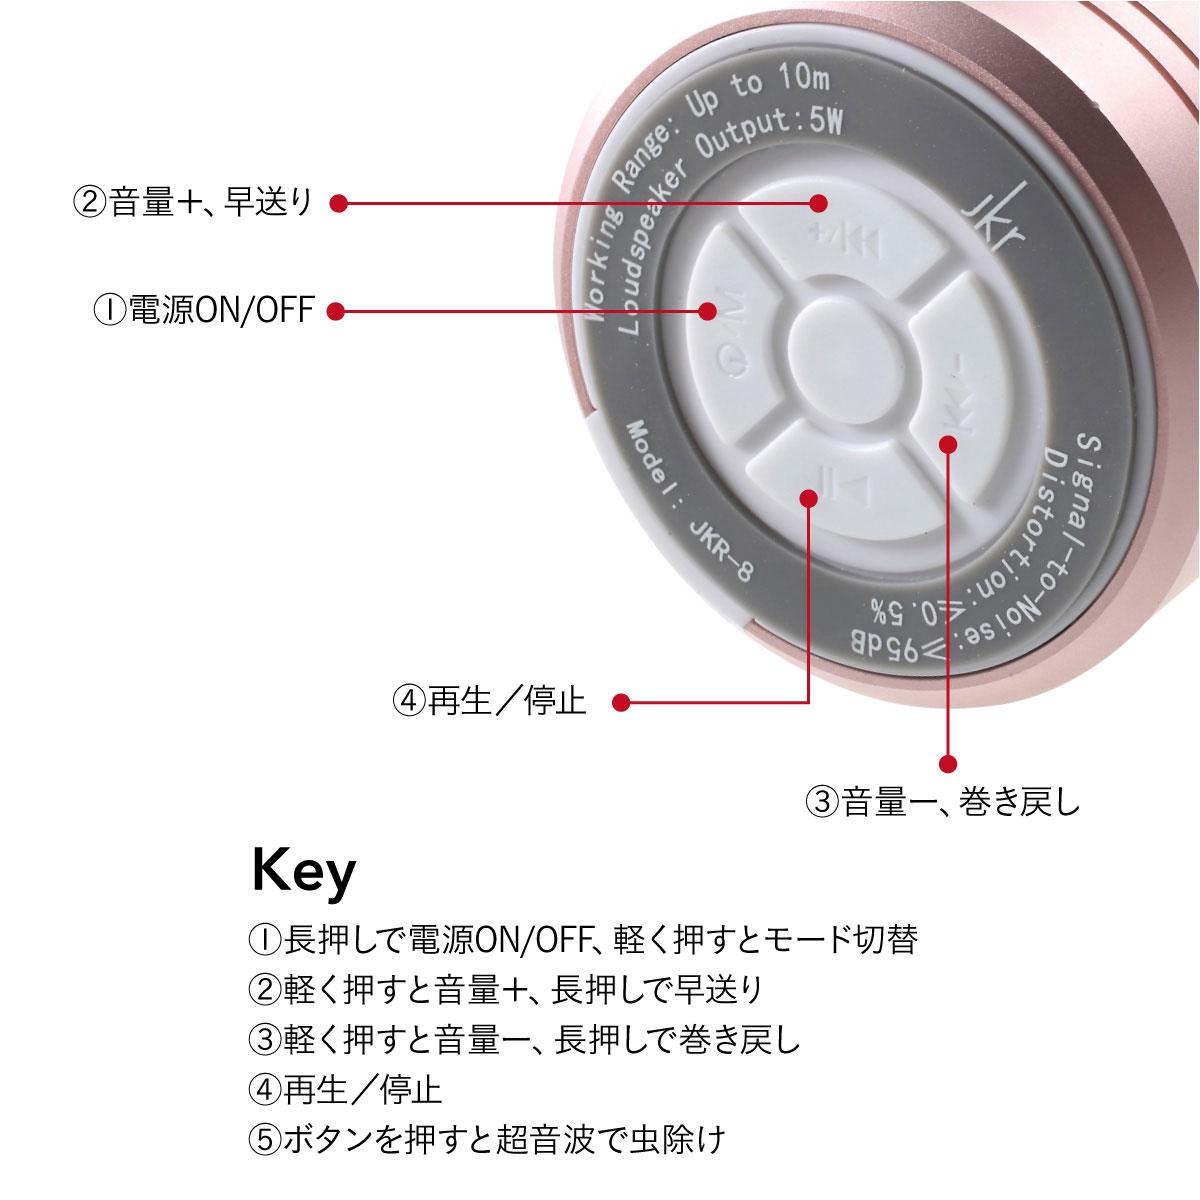 ワイヤレススピーカー  Bluetooth 4.2 スピーカー スマートフォン スピーカースタンド 防水 ブルートゥース iPhone android 対応 jkr jkr-8-set